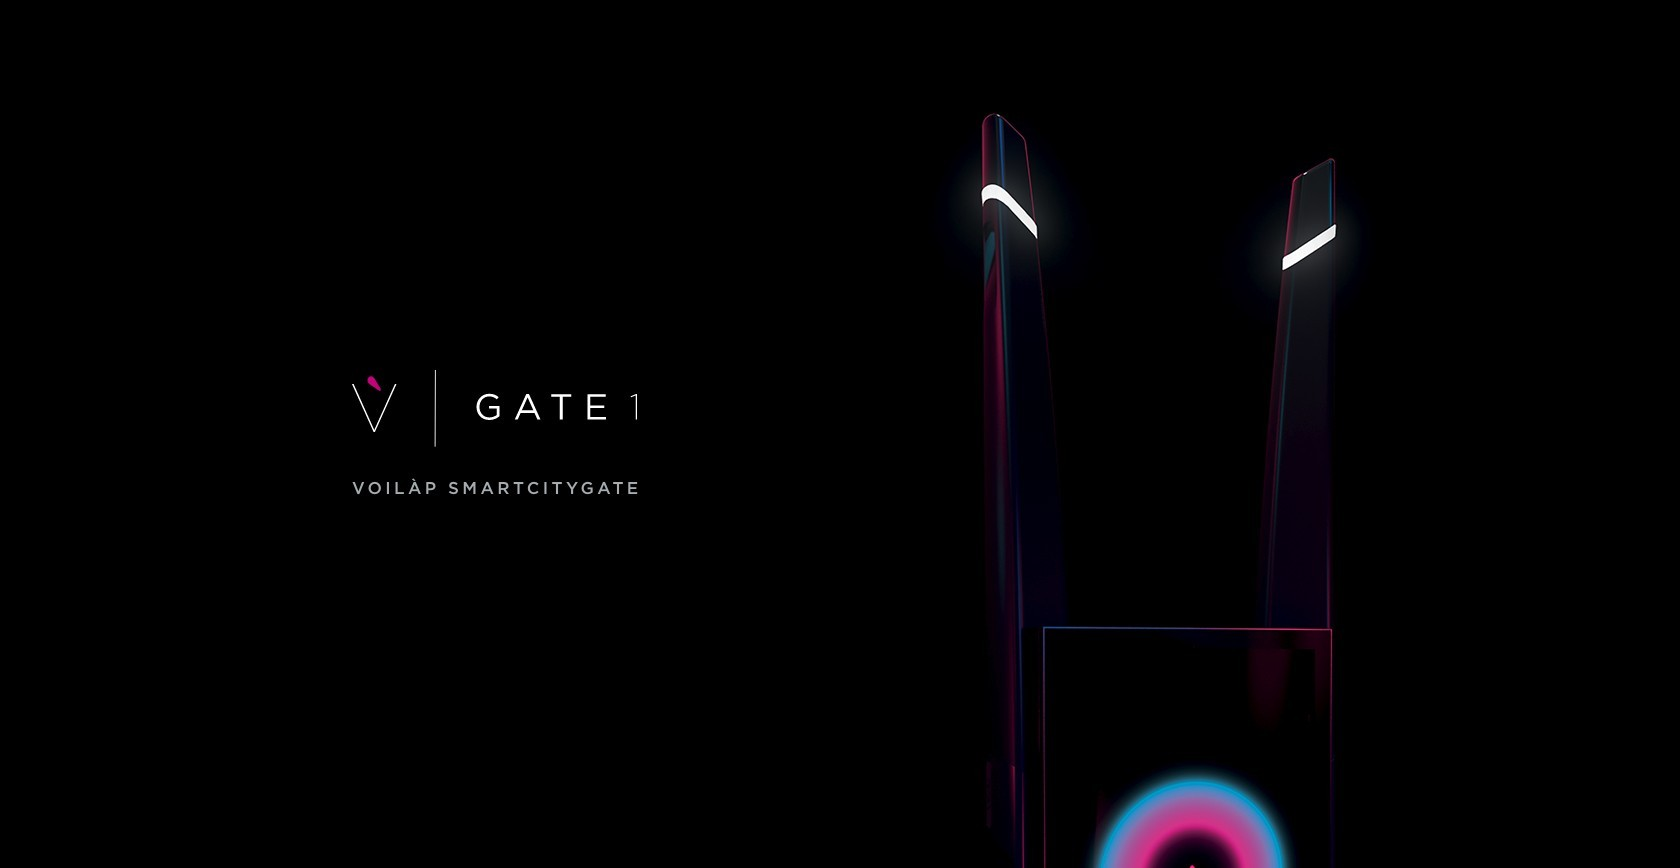 Imecon - Voilàp Gate1